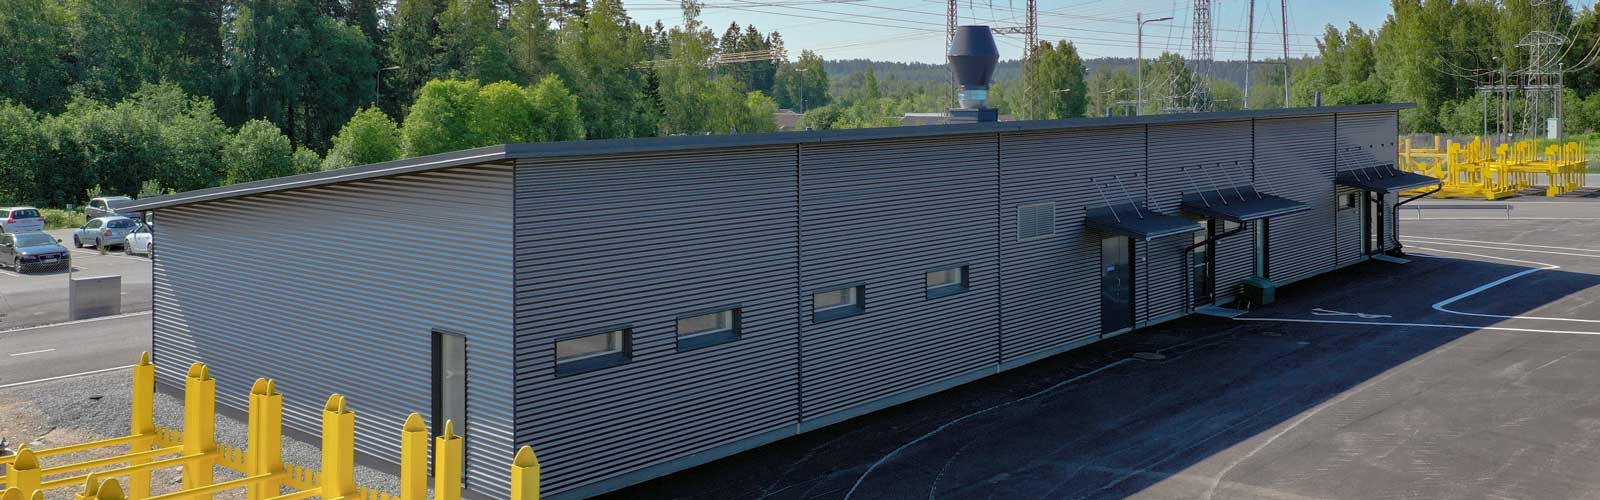 Toimitilarakentaminen moduulirakennus Yrityksen sosiaalitilarakennus edestä.